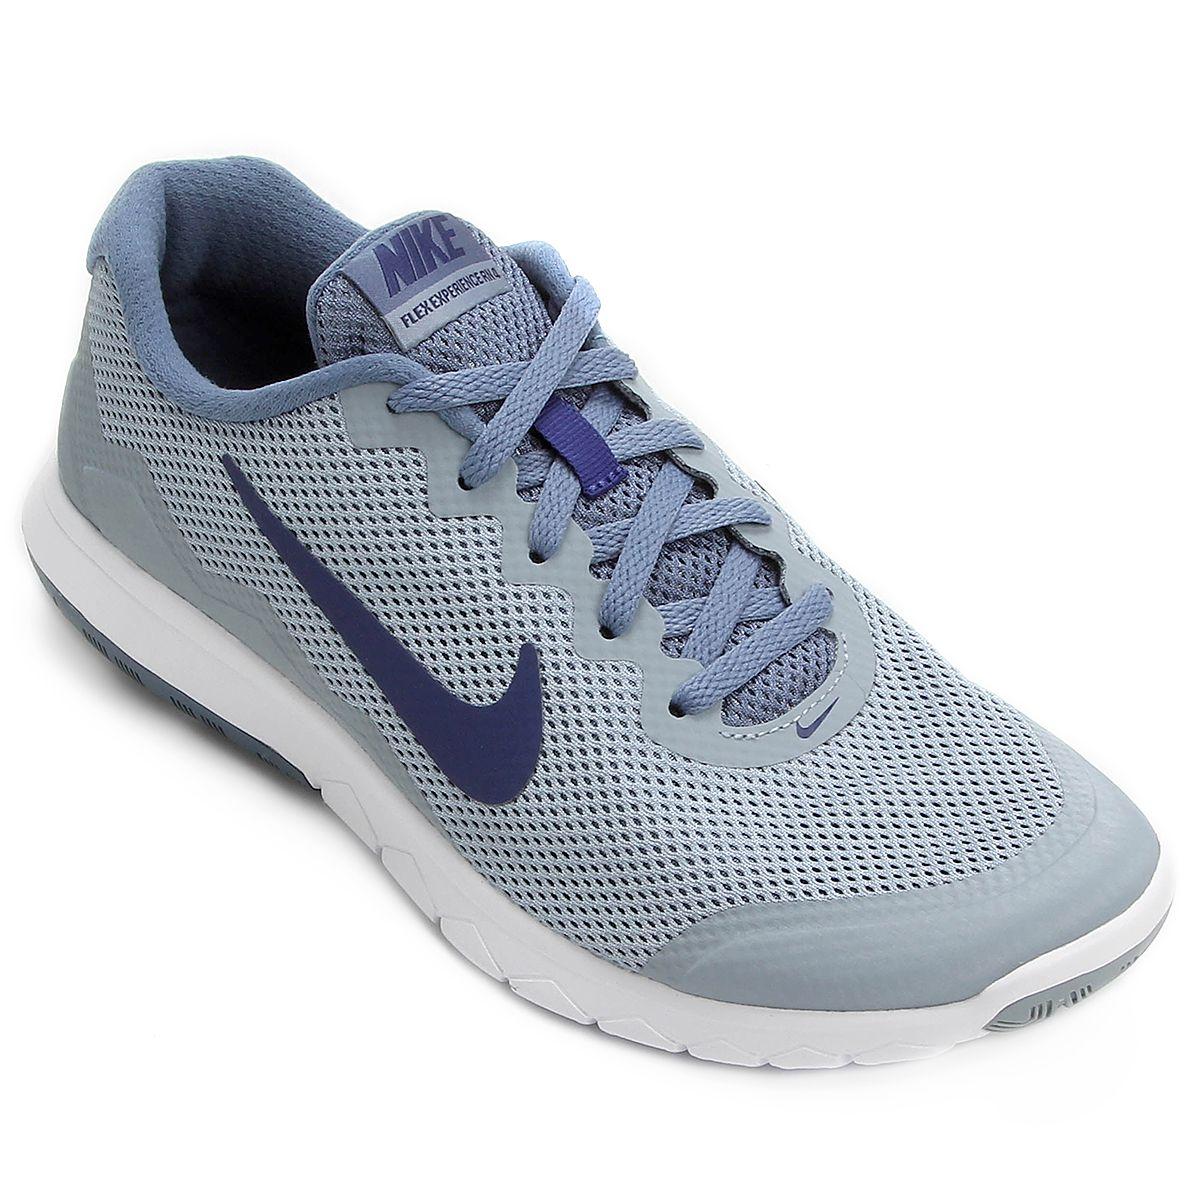 87af902bac4 Tênis Nike Flex Experience RN 4 Masculino - Azul Claro